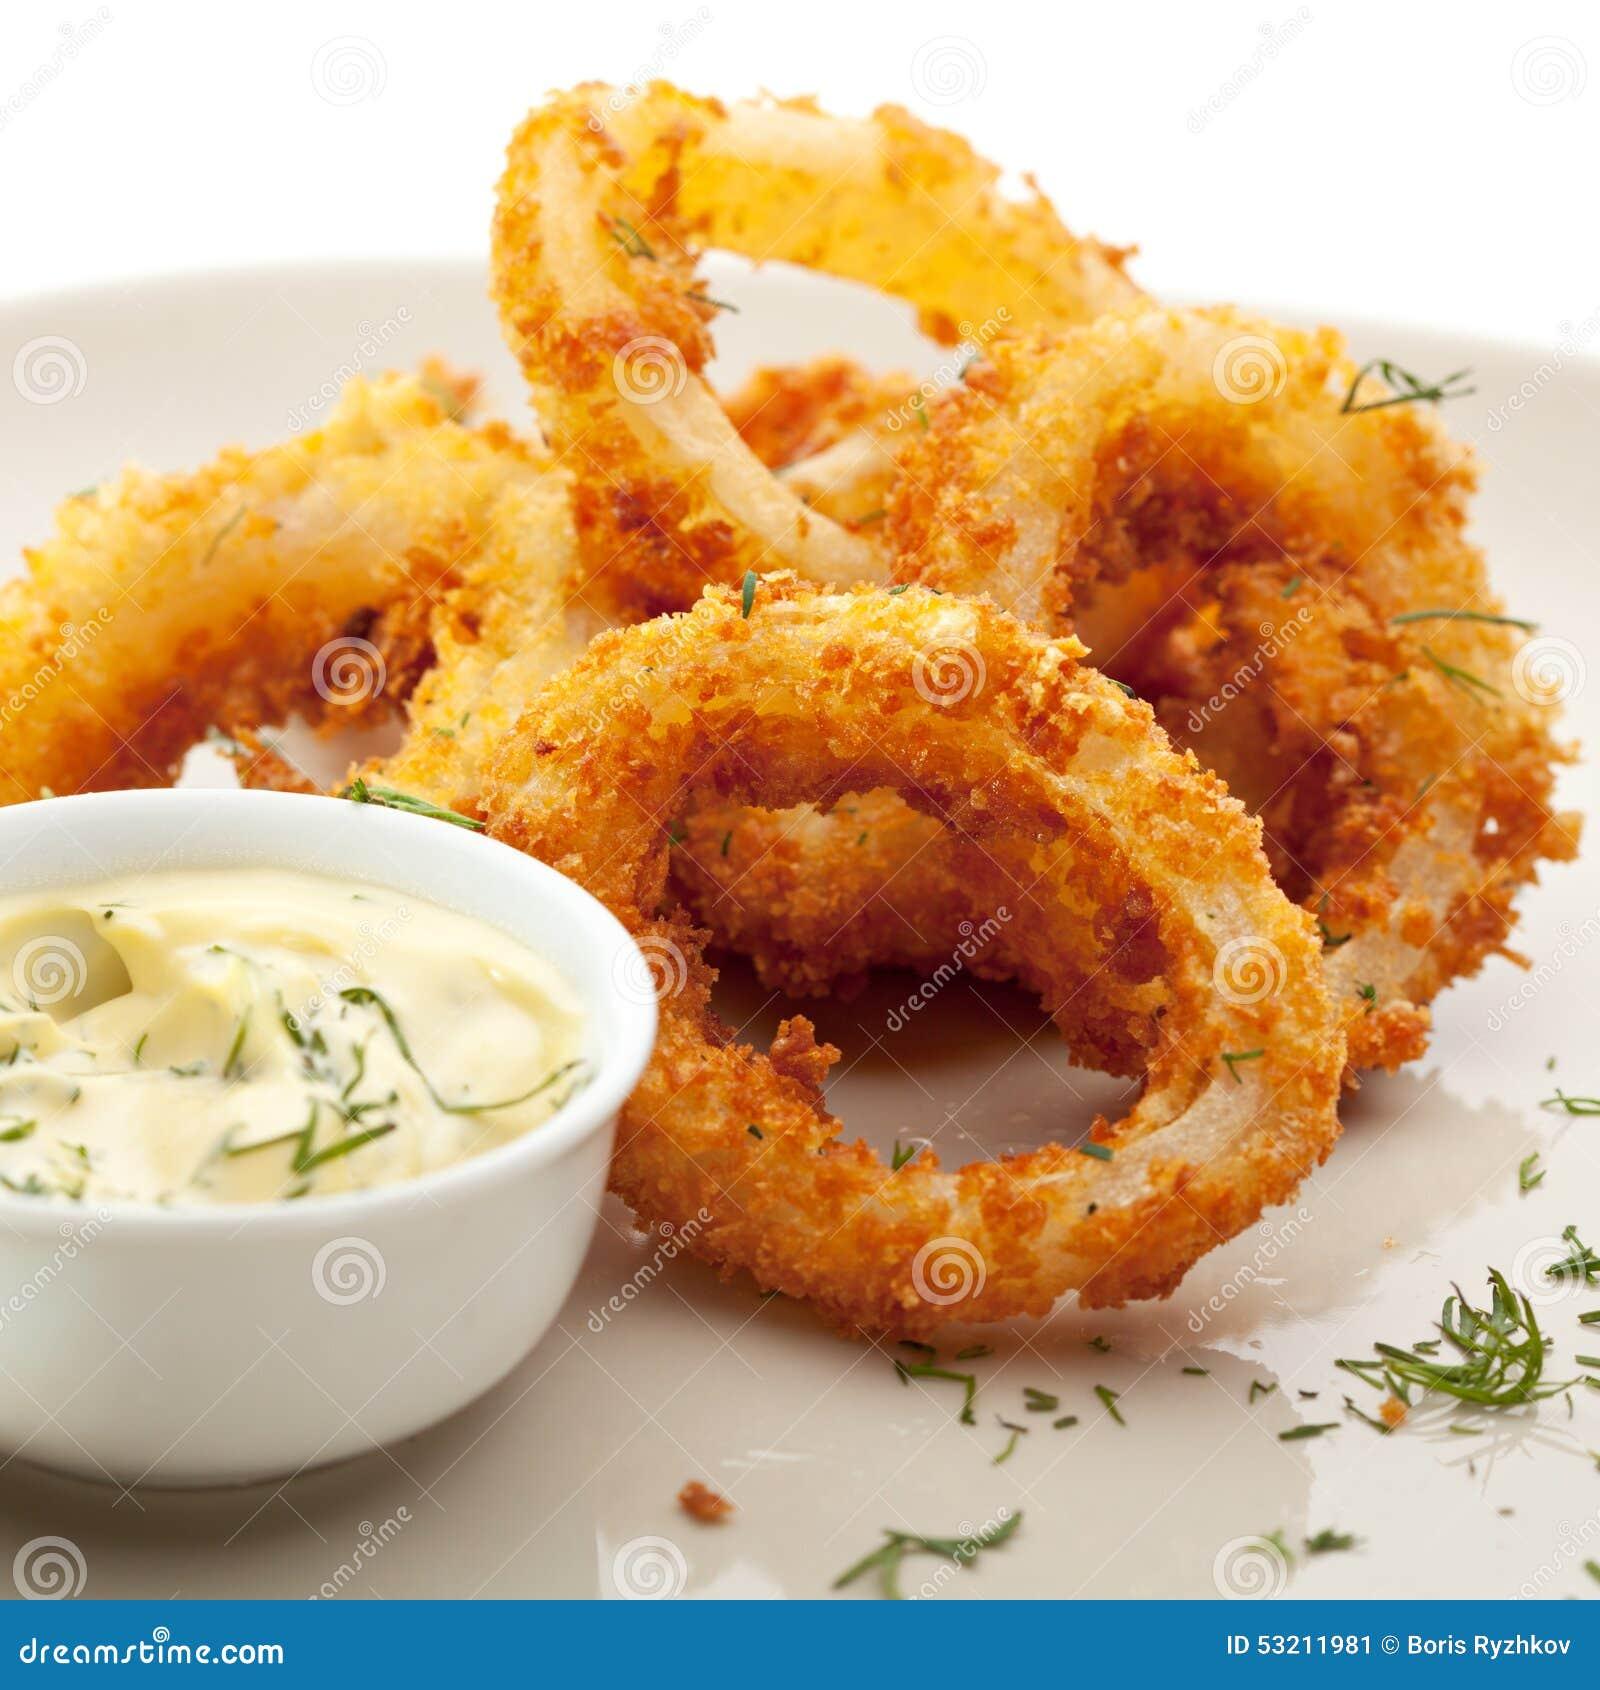 Calamari Rings Stock Photo - Image: 53211981